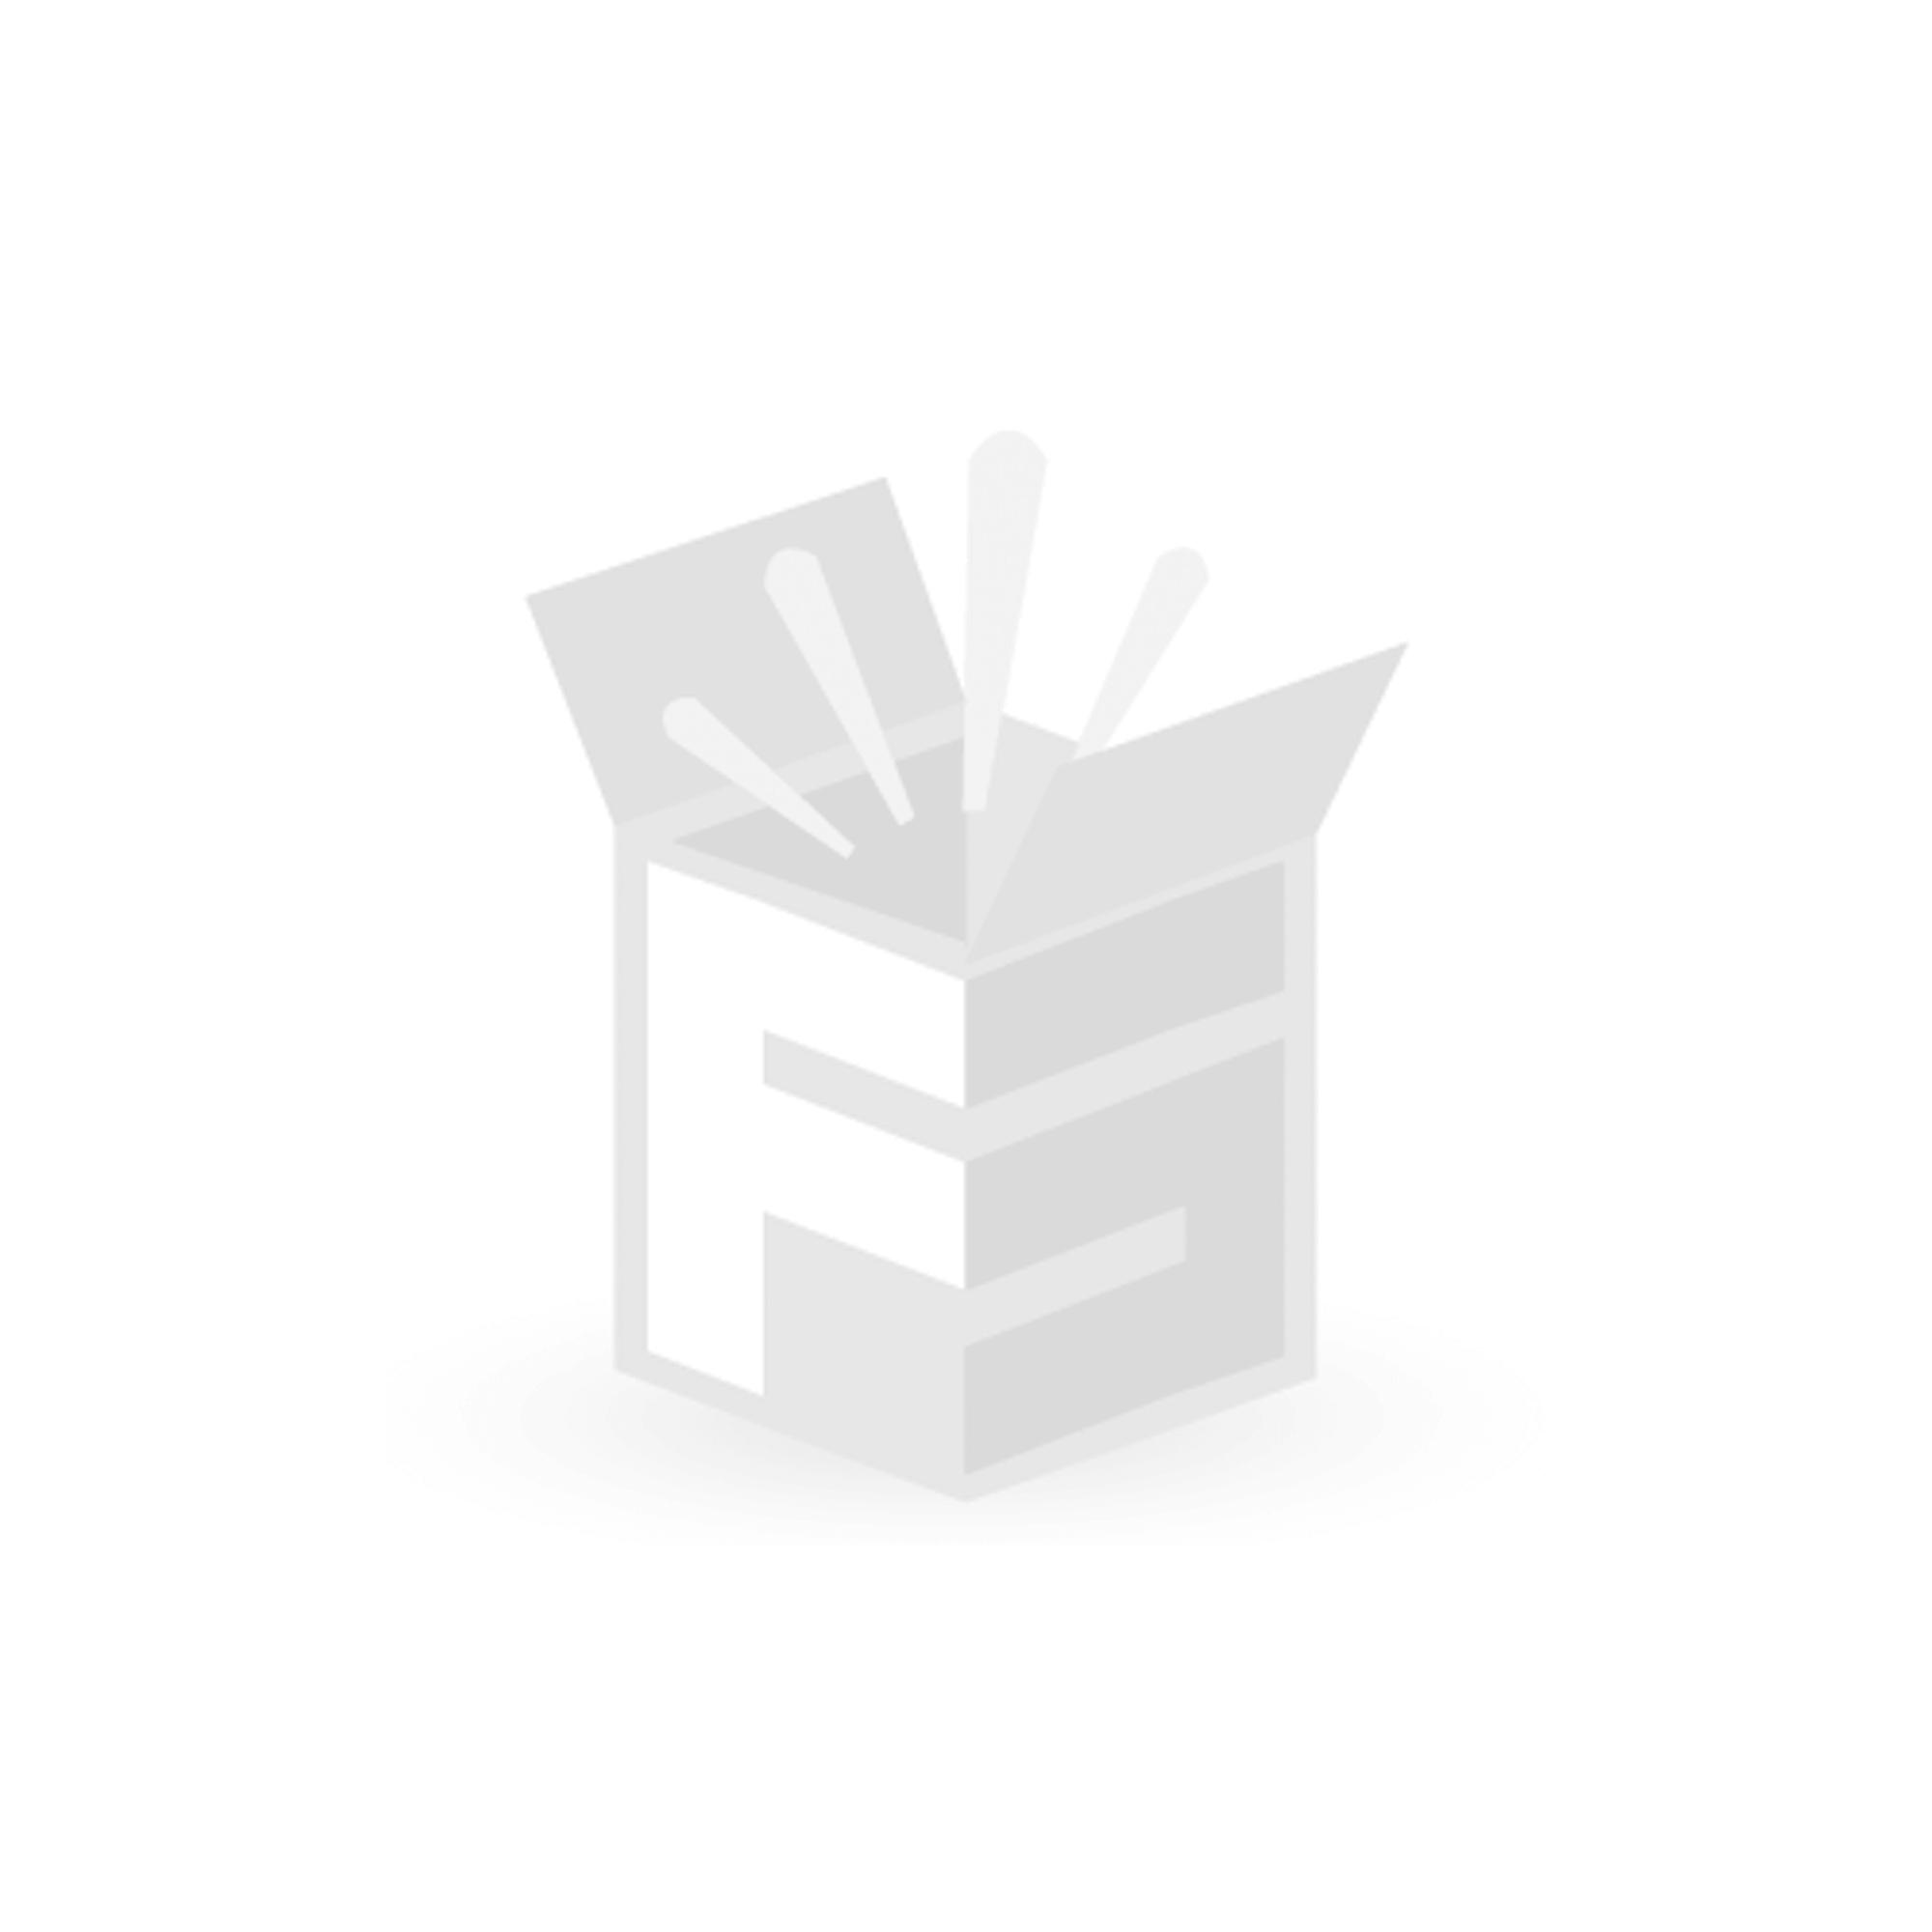 Schutzfolie für Schweissbalken zu Vakuum-Verpackungsmaschine 350